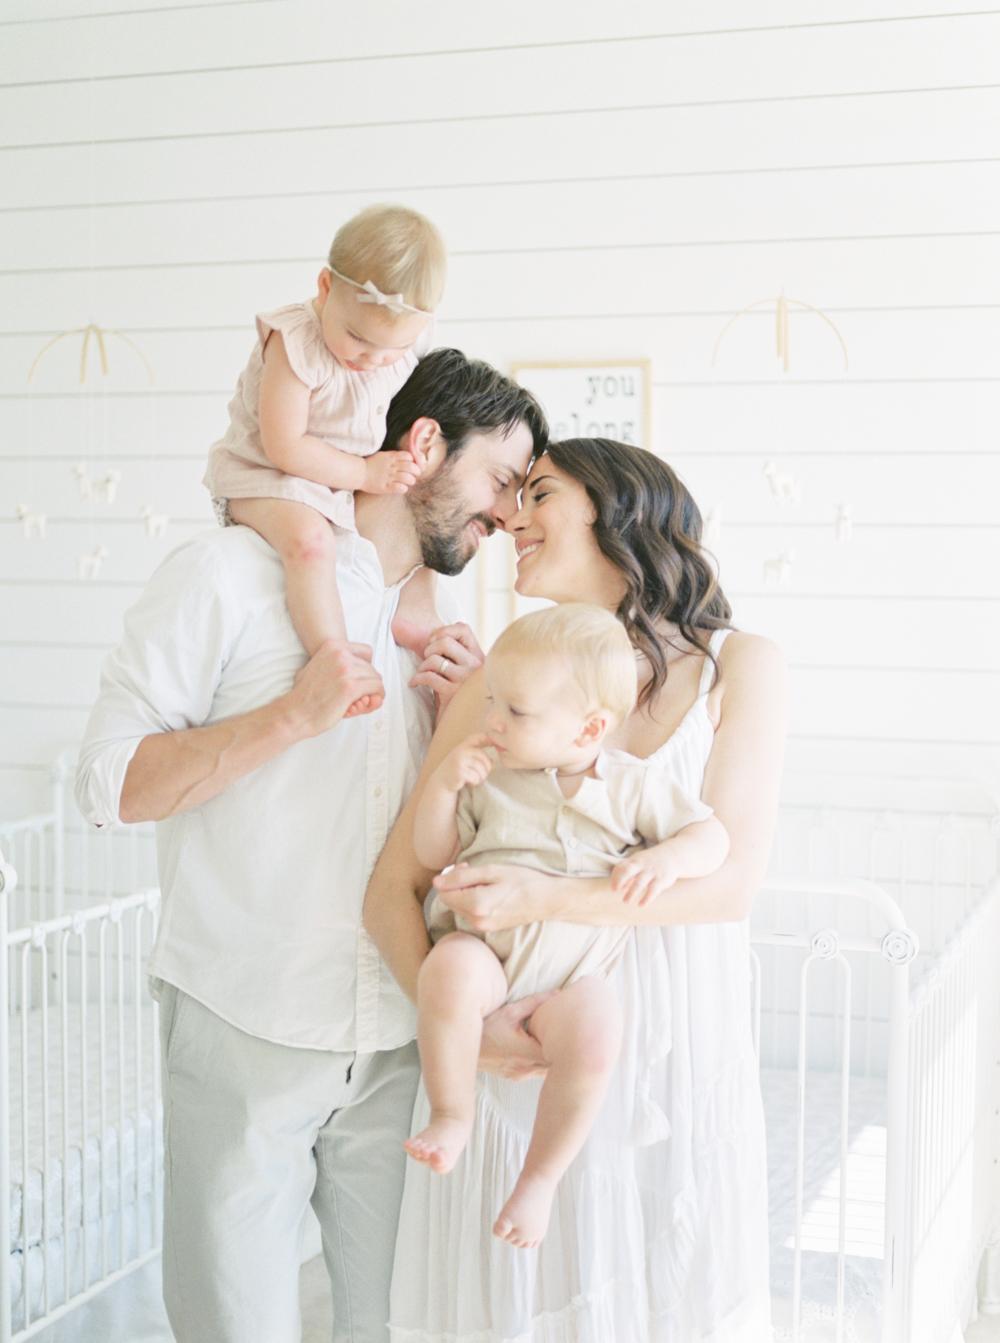 Rebecca-Sable-Family-Photographer-Richmond-Virginia-09.jpg